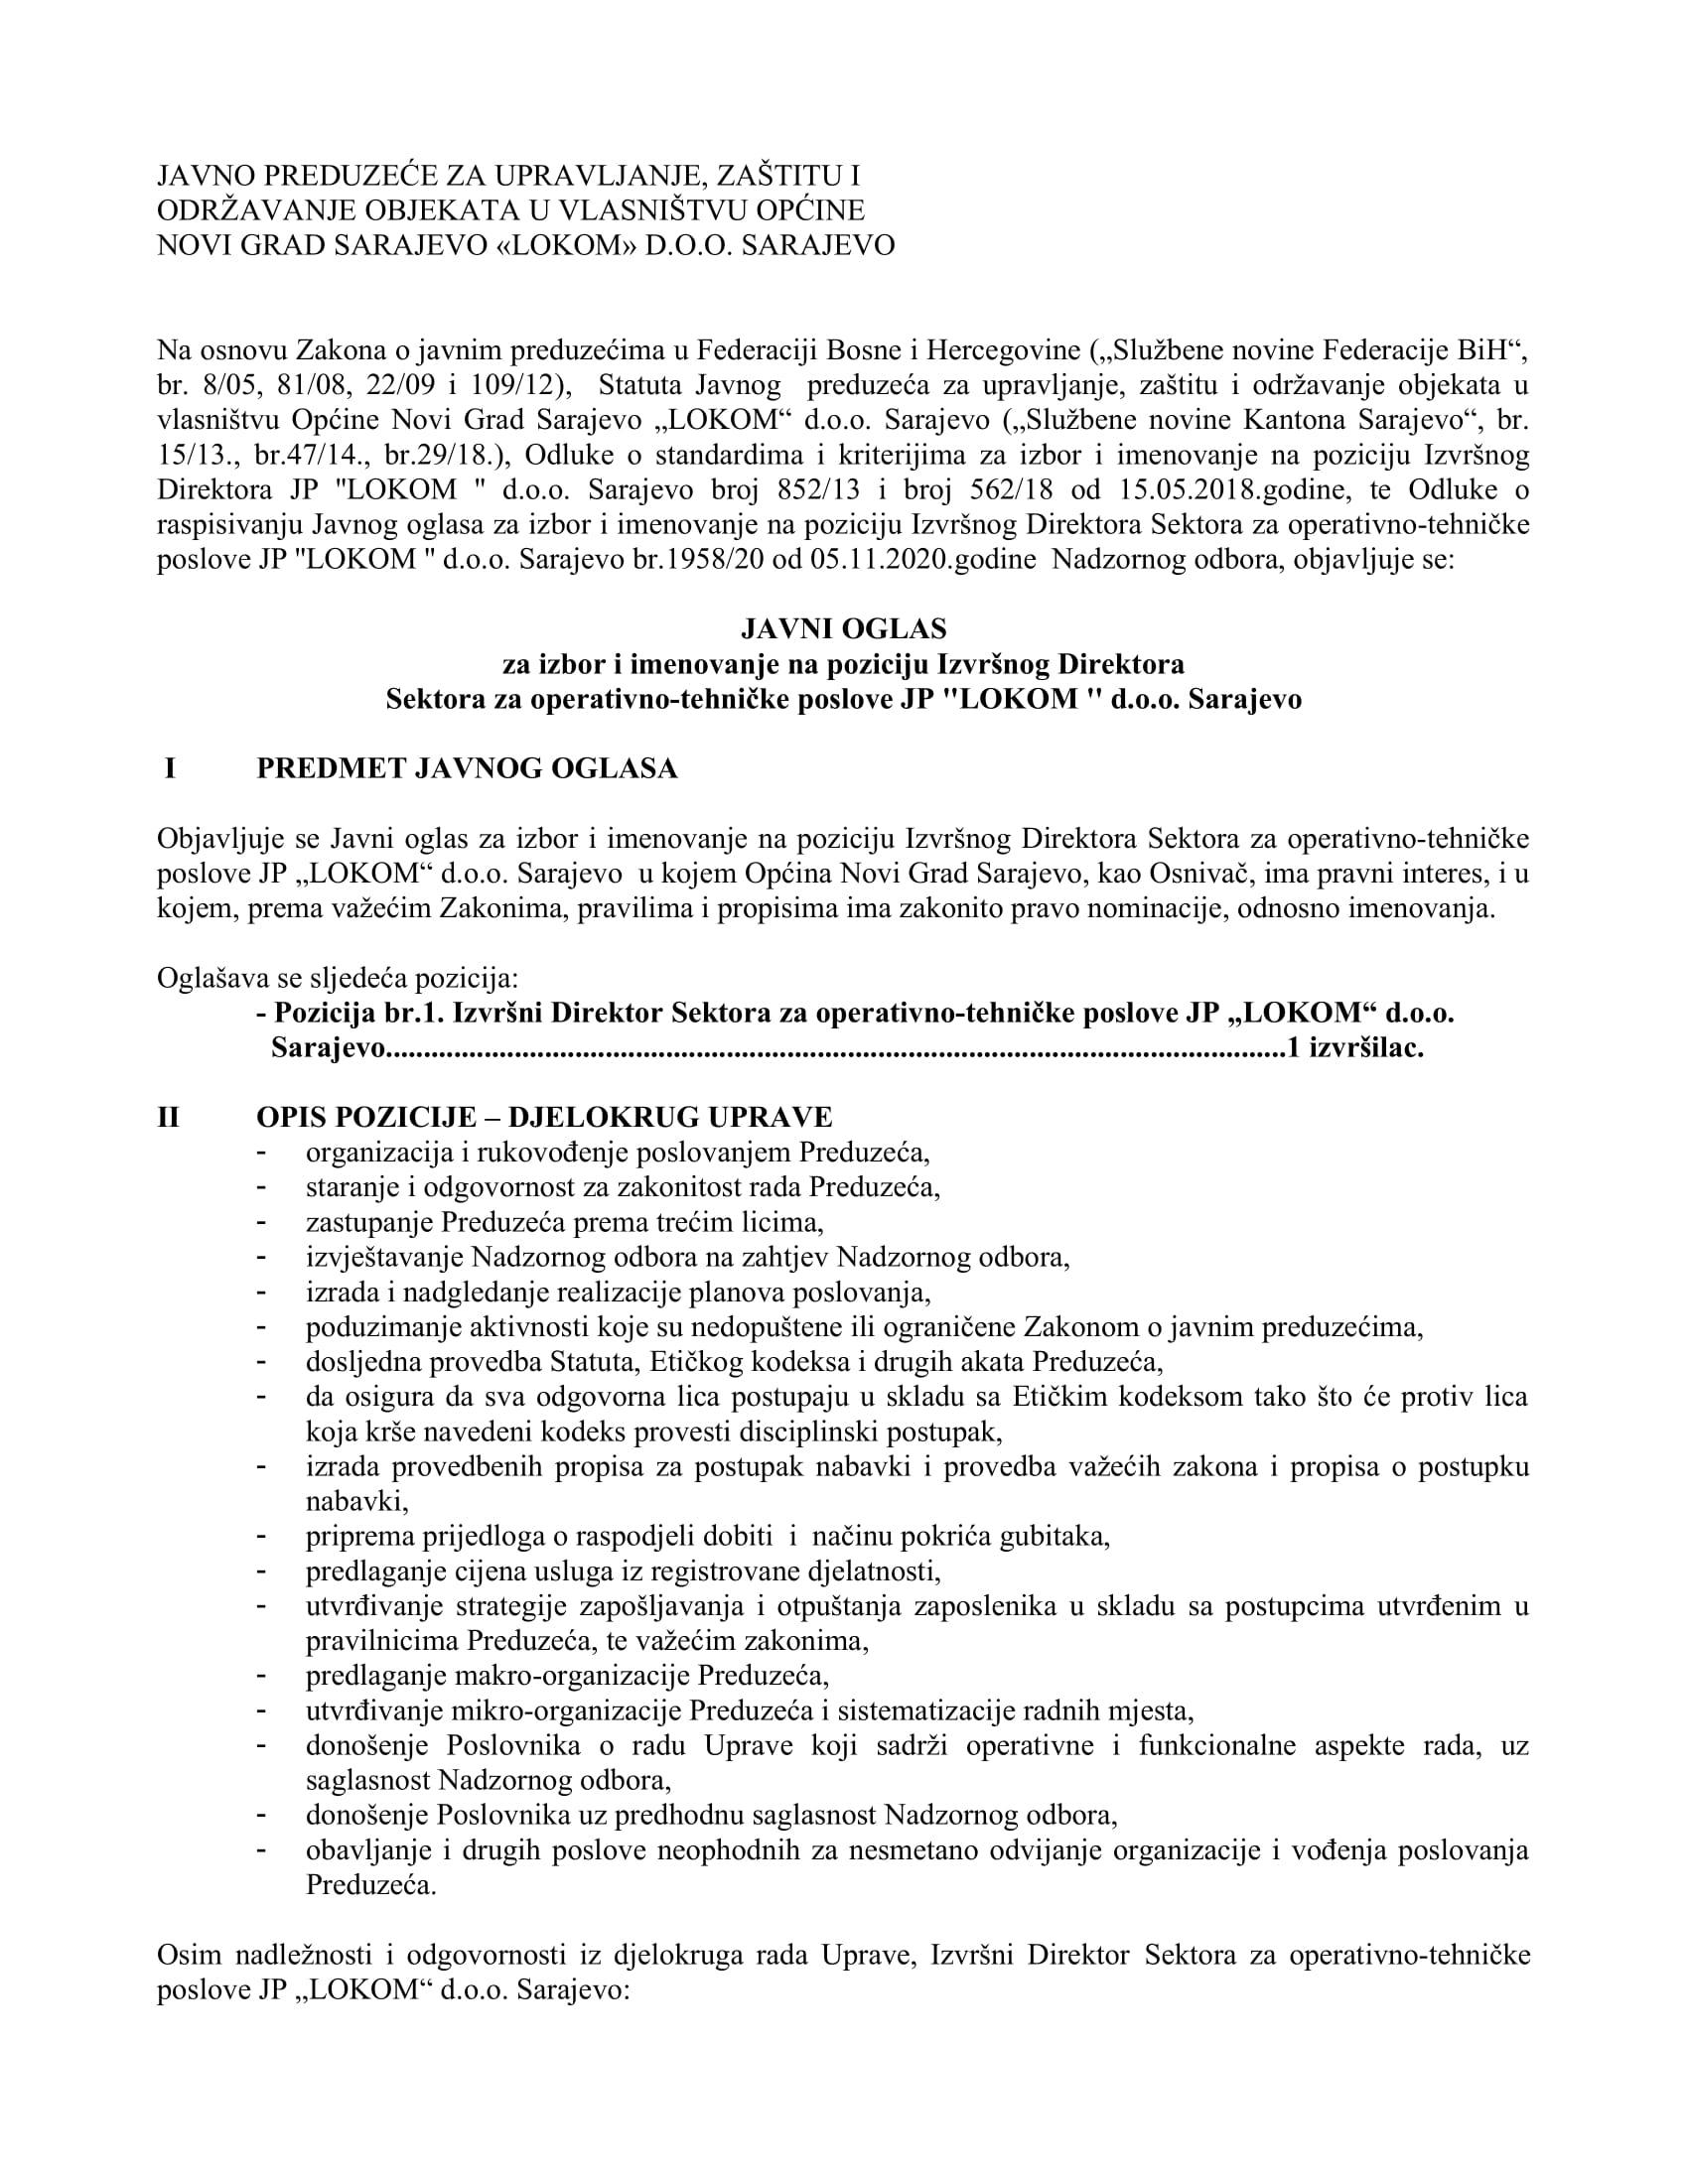 JO  Izvršni Direktor Sektora za operativno-tehničke poslove JP _LOKOM_ d.o.o.Sarajevo-1